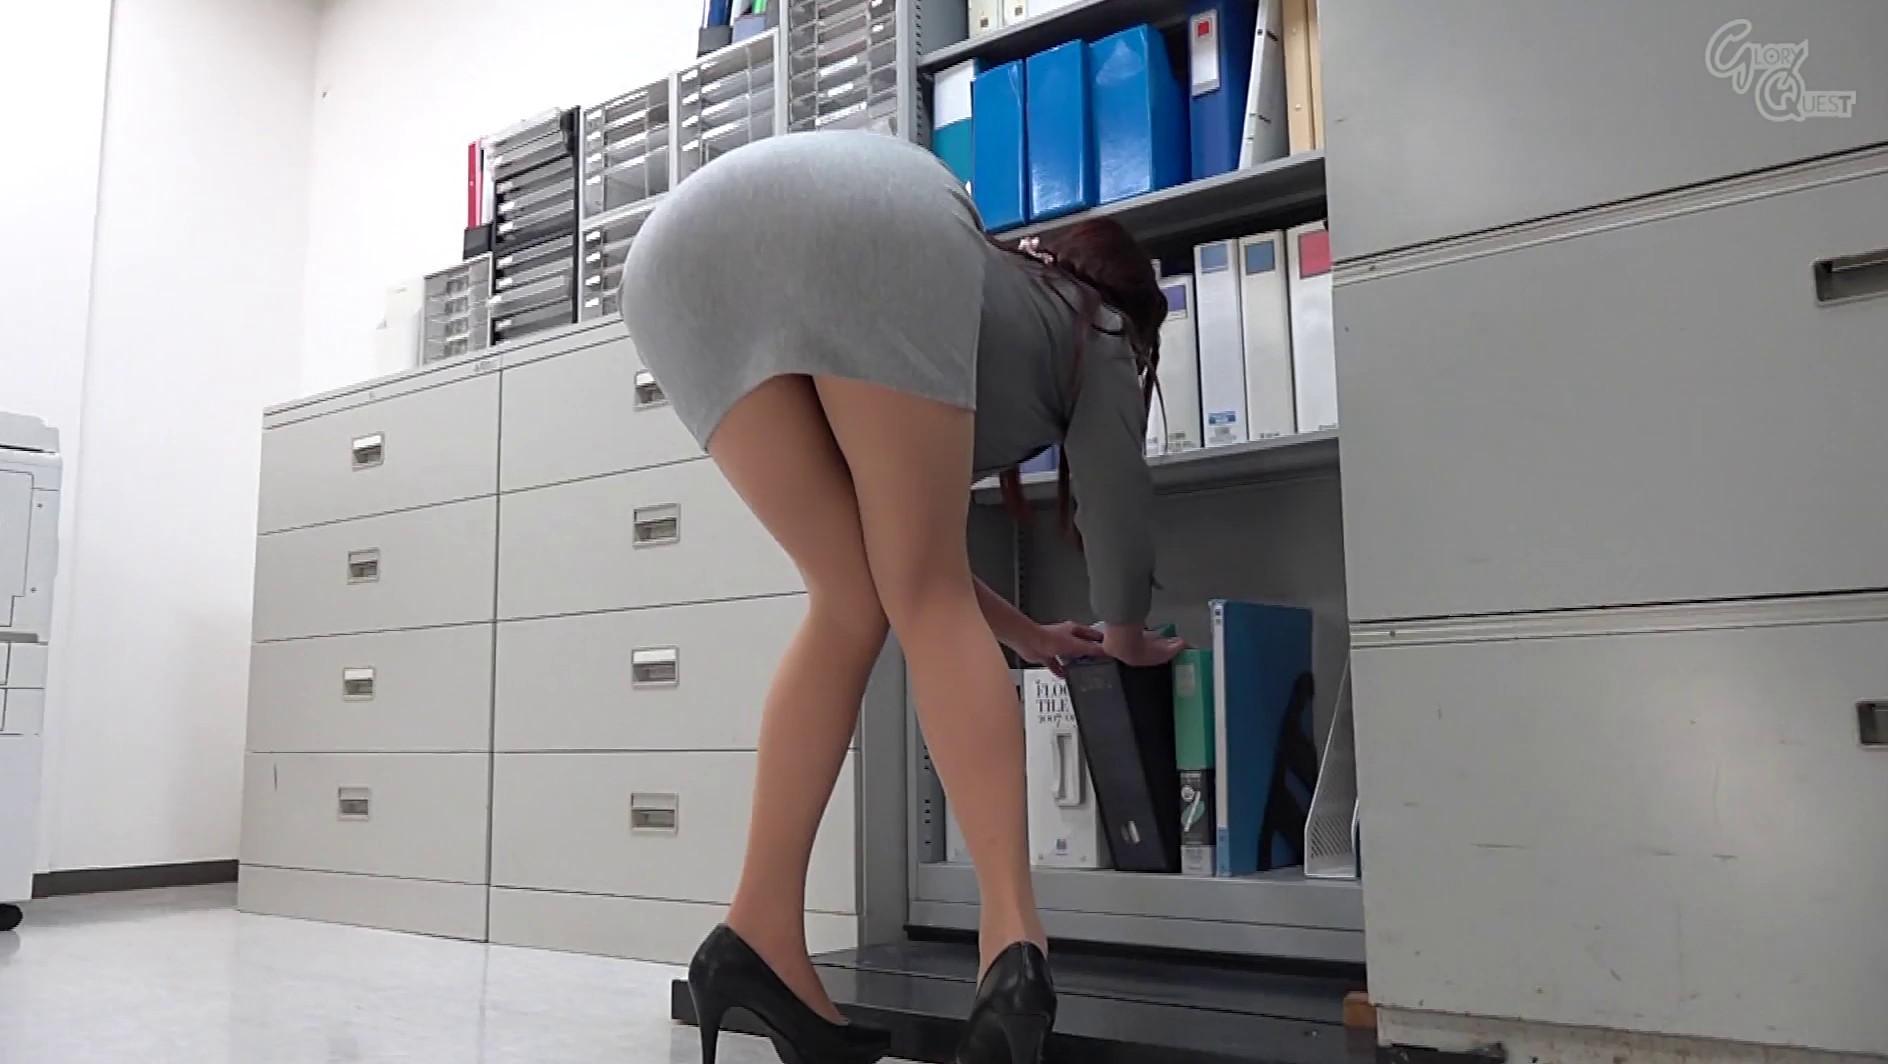 職場で見たエロい光景20